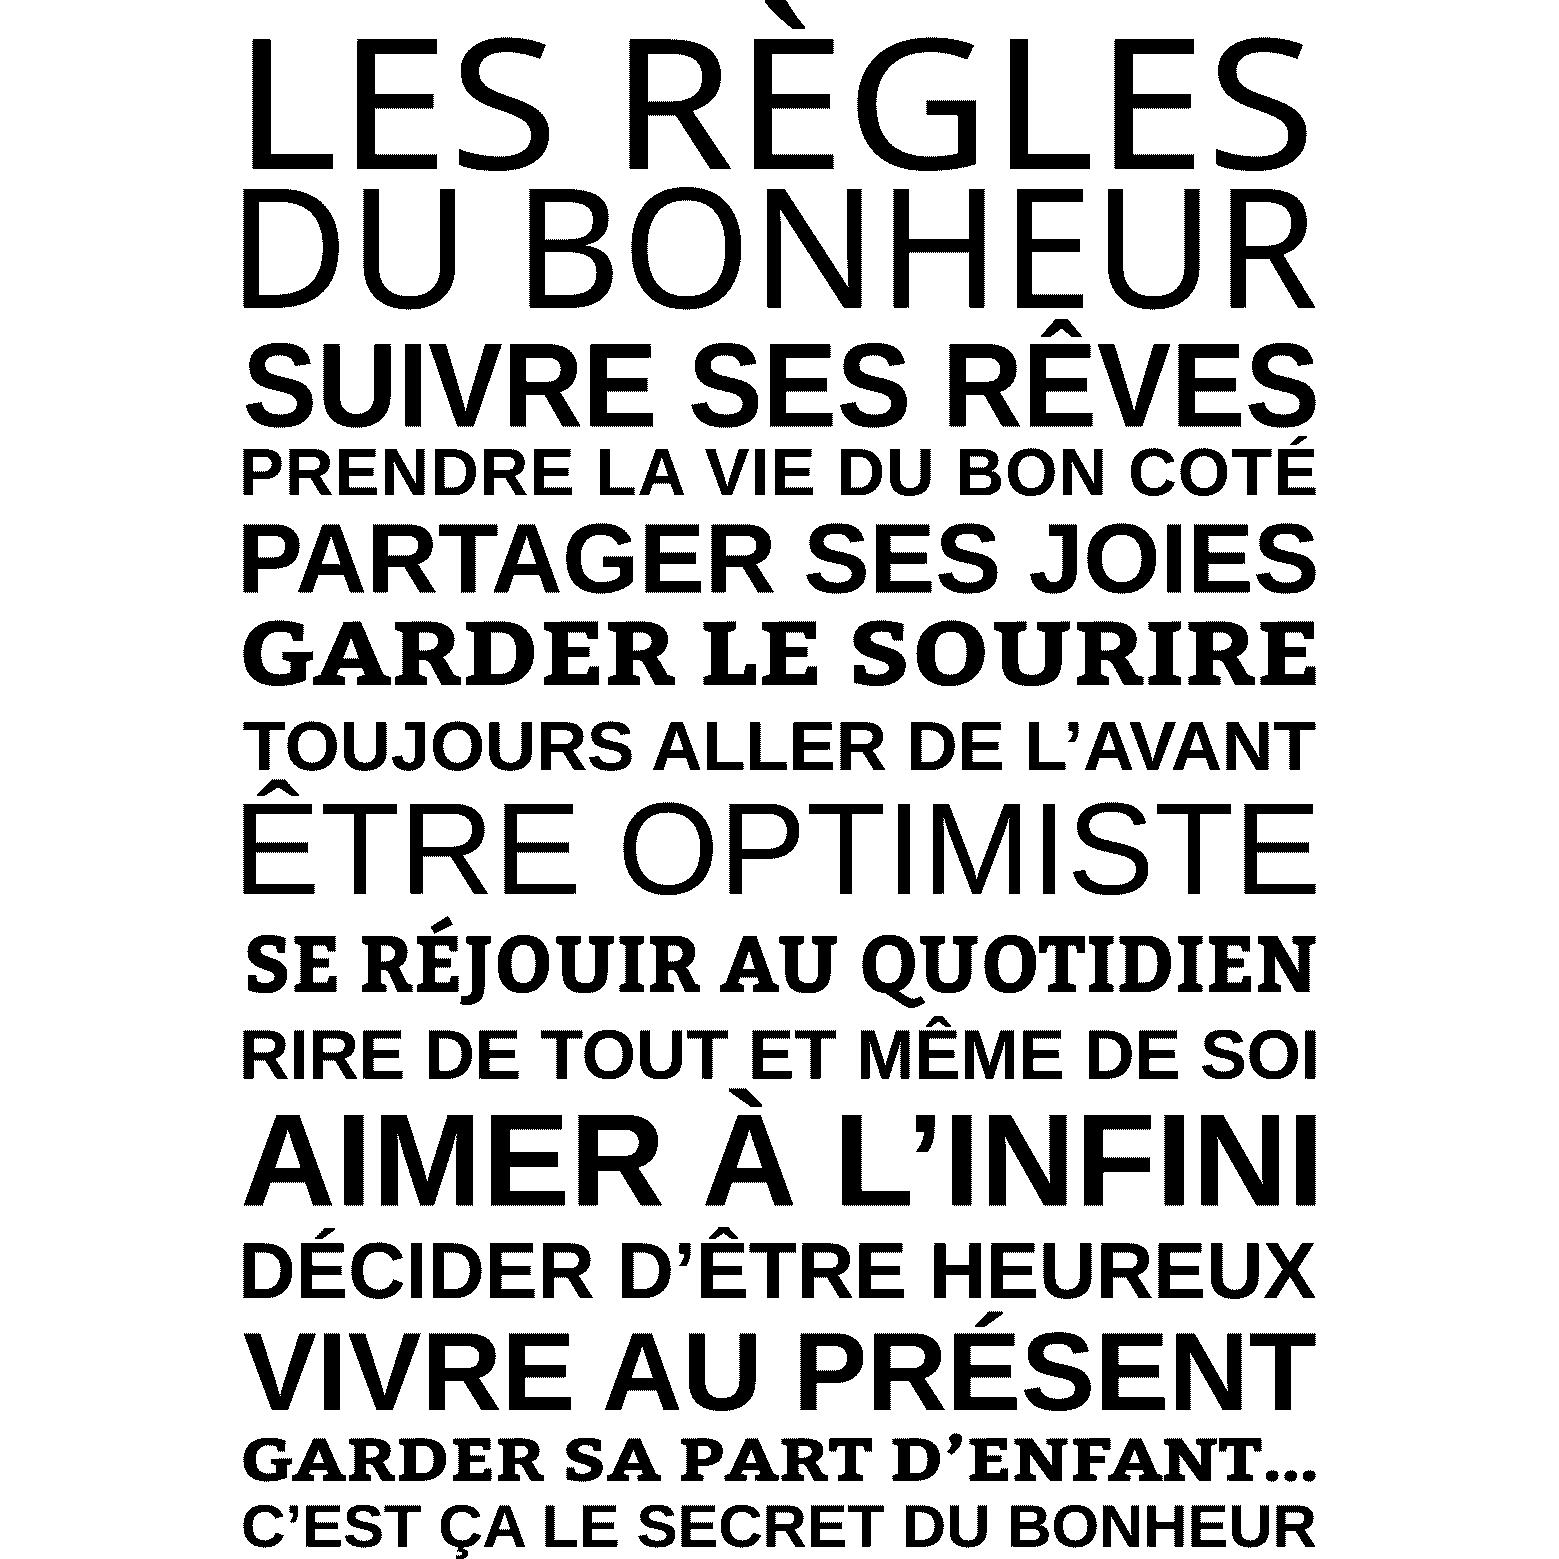 Sticker les r gles du bonheur stickers citations - La grange du bien etre vendegies au bois ...